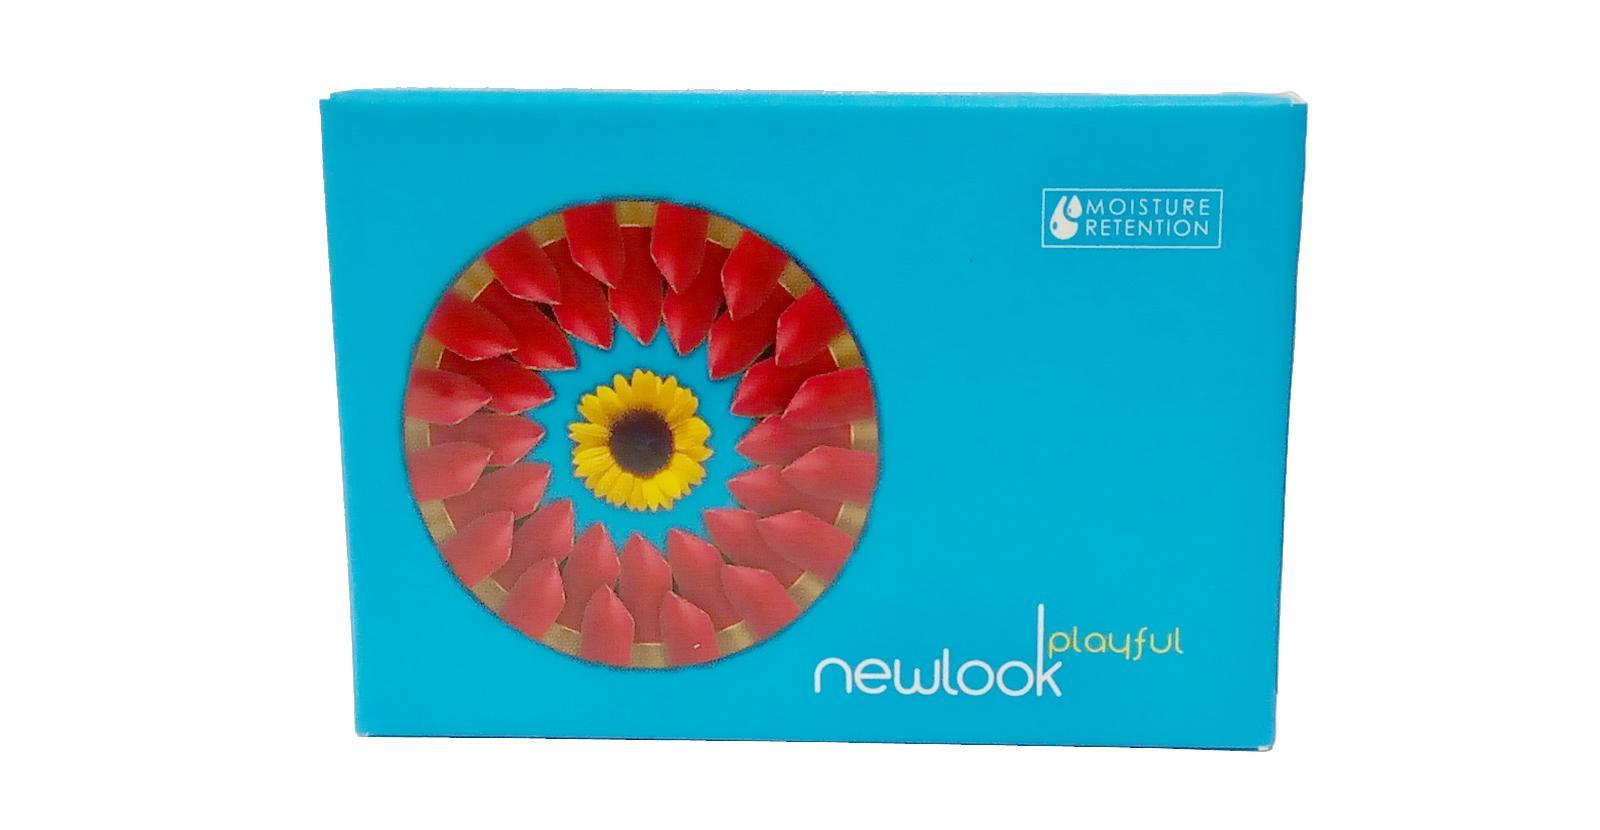 Soflen Newlook Playful Coklat / Brown (-4,75)